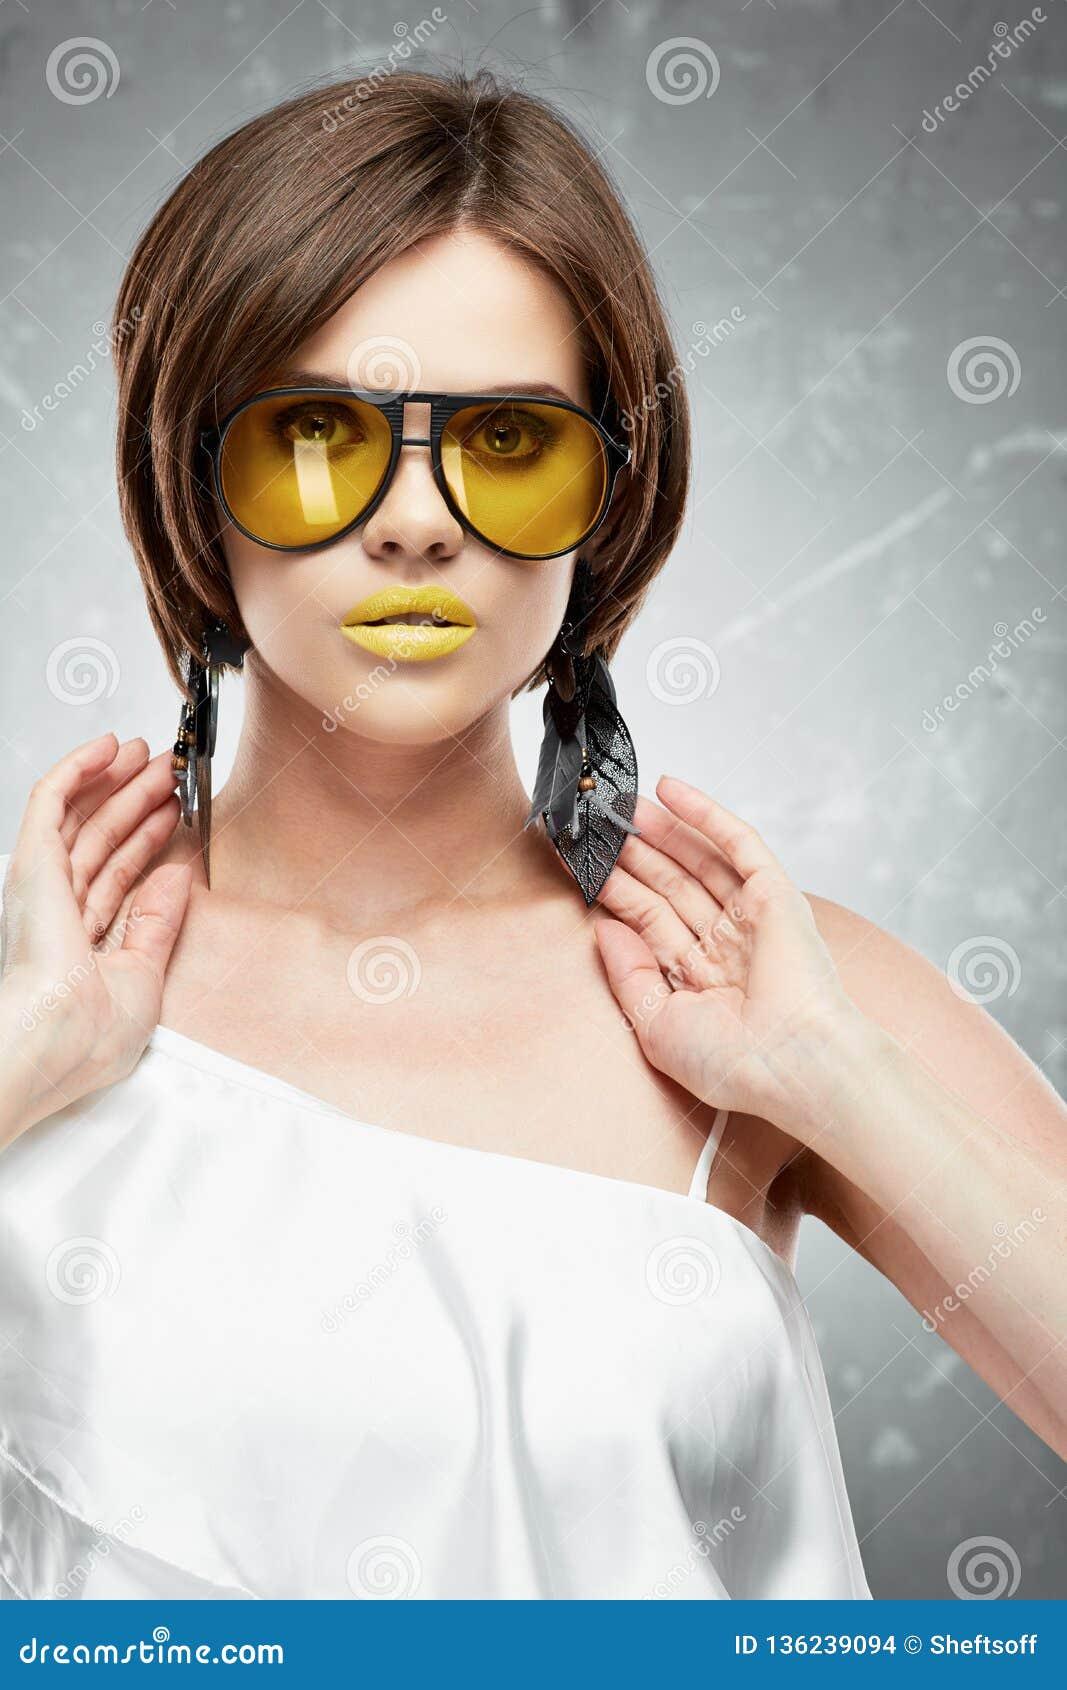 Schönheitsgesichtsporträt des Modells mit gelben Sonnenbrillen